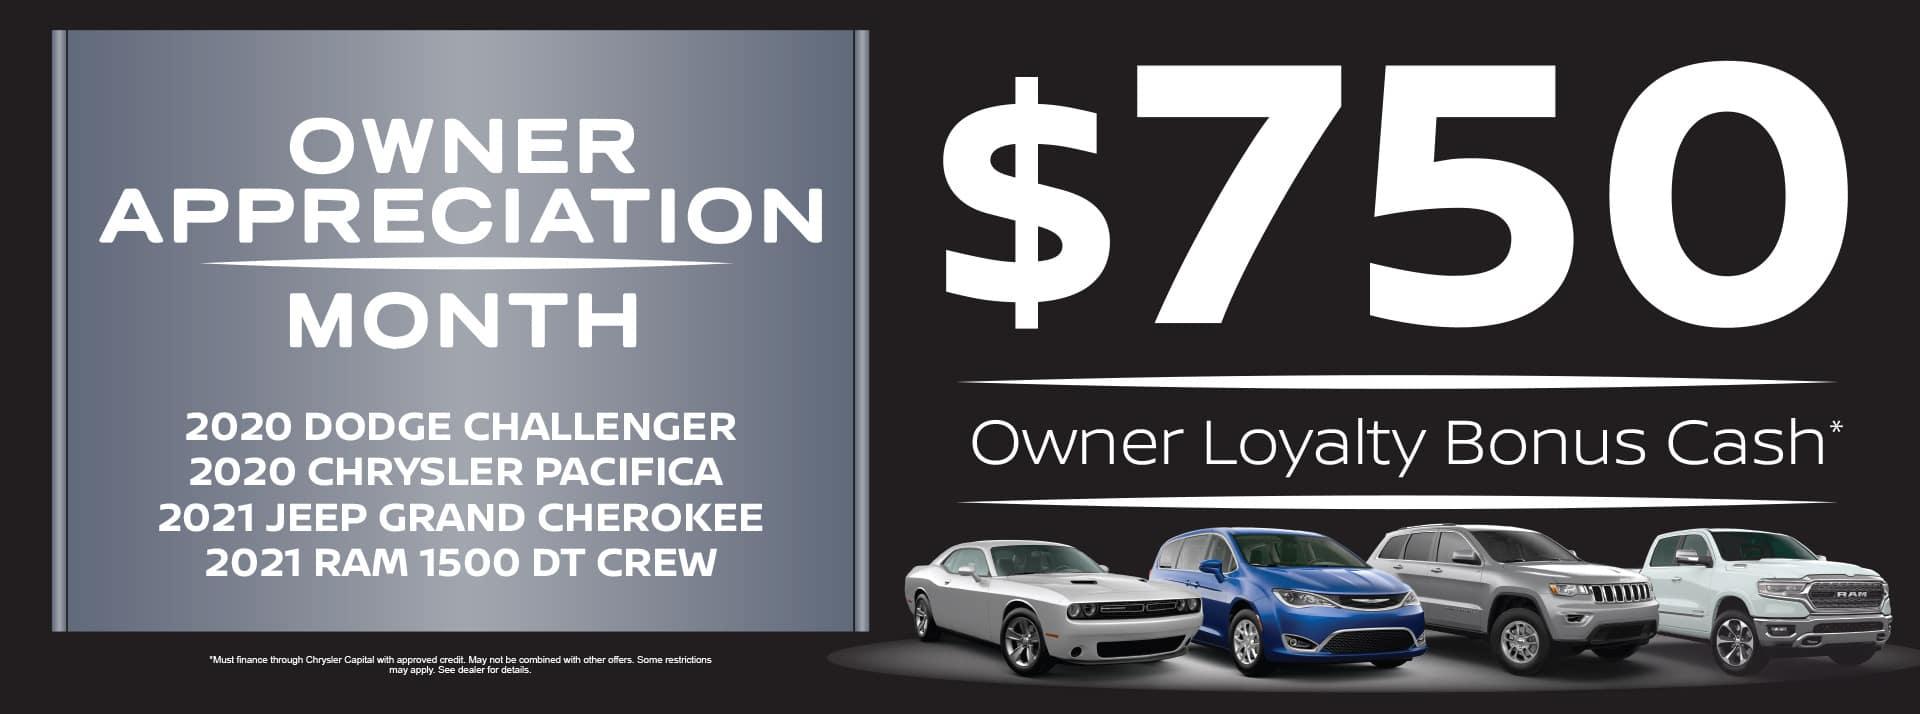 $750 Owner Loyalty Bonus Cash*